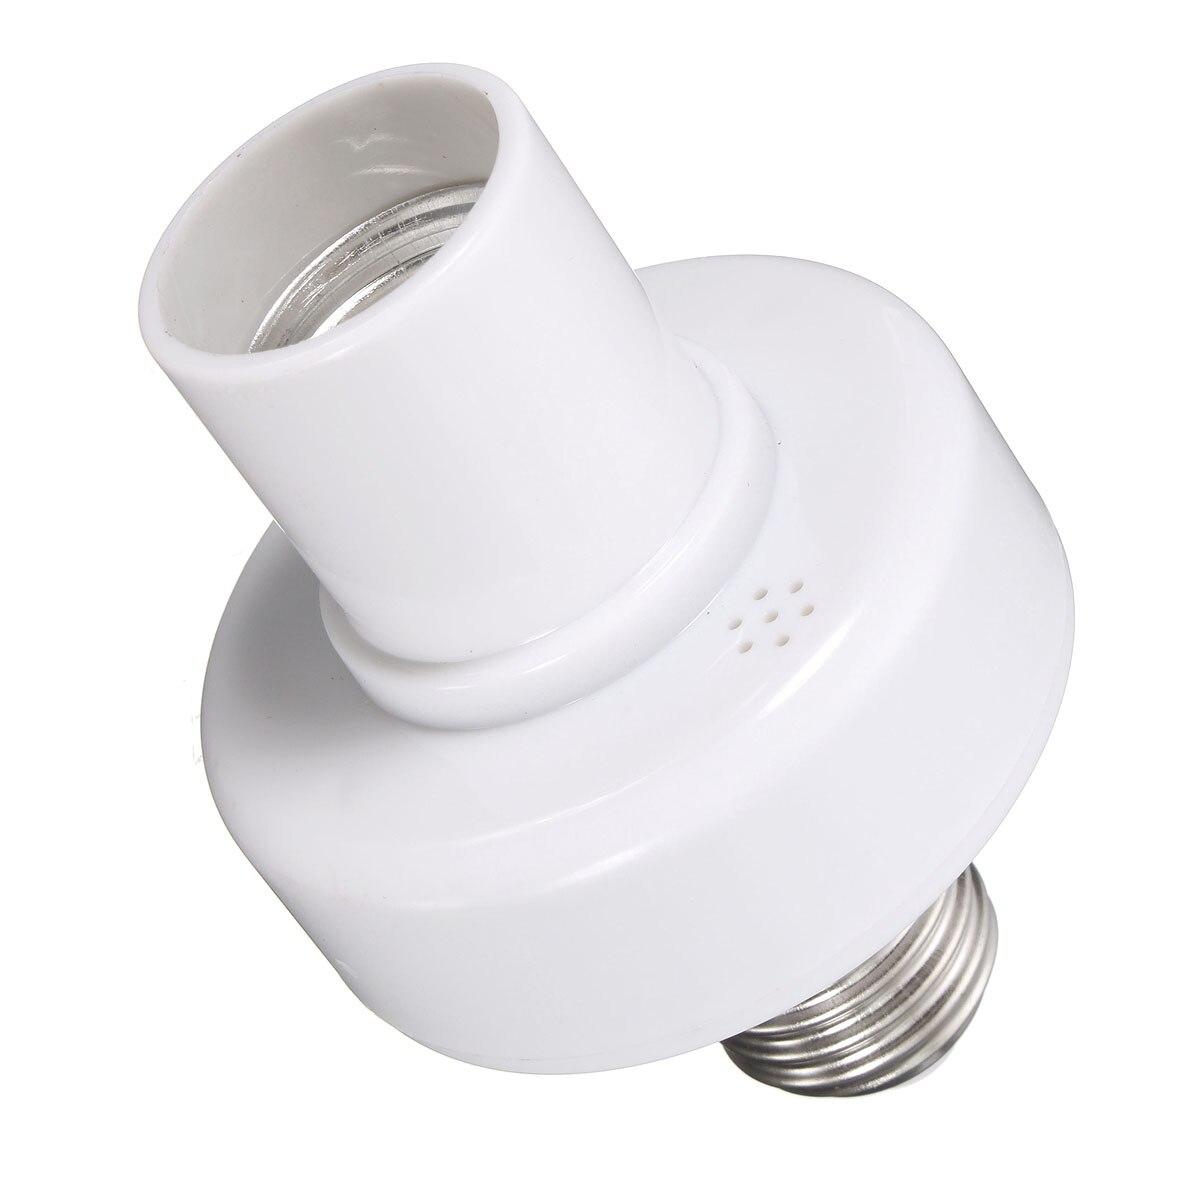 E27 Кепки винт 220 V Беспроводной дистанционного Лампа управления держатель переключатель W/Управление;